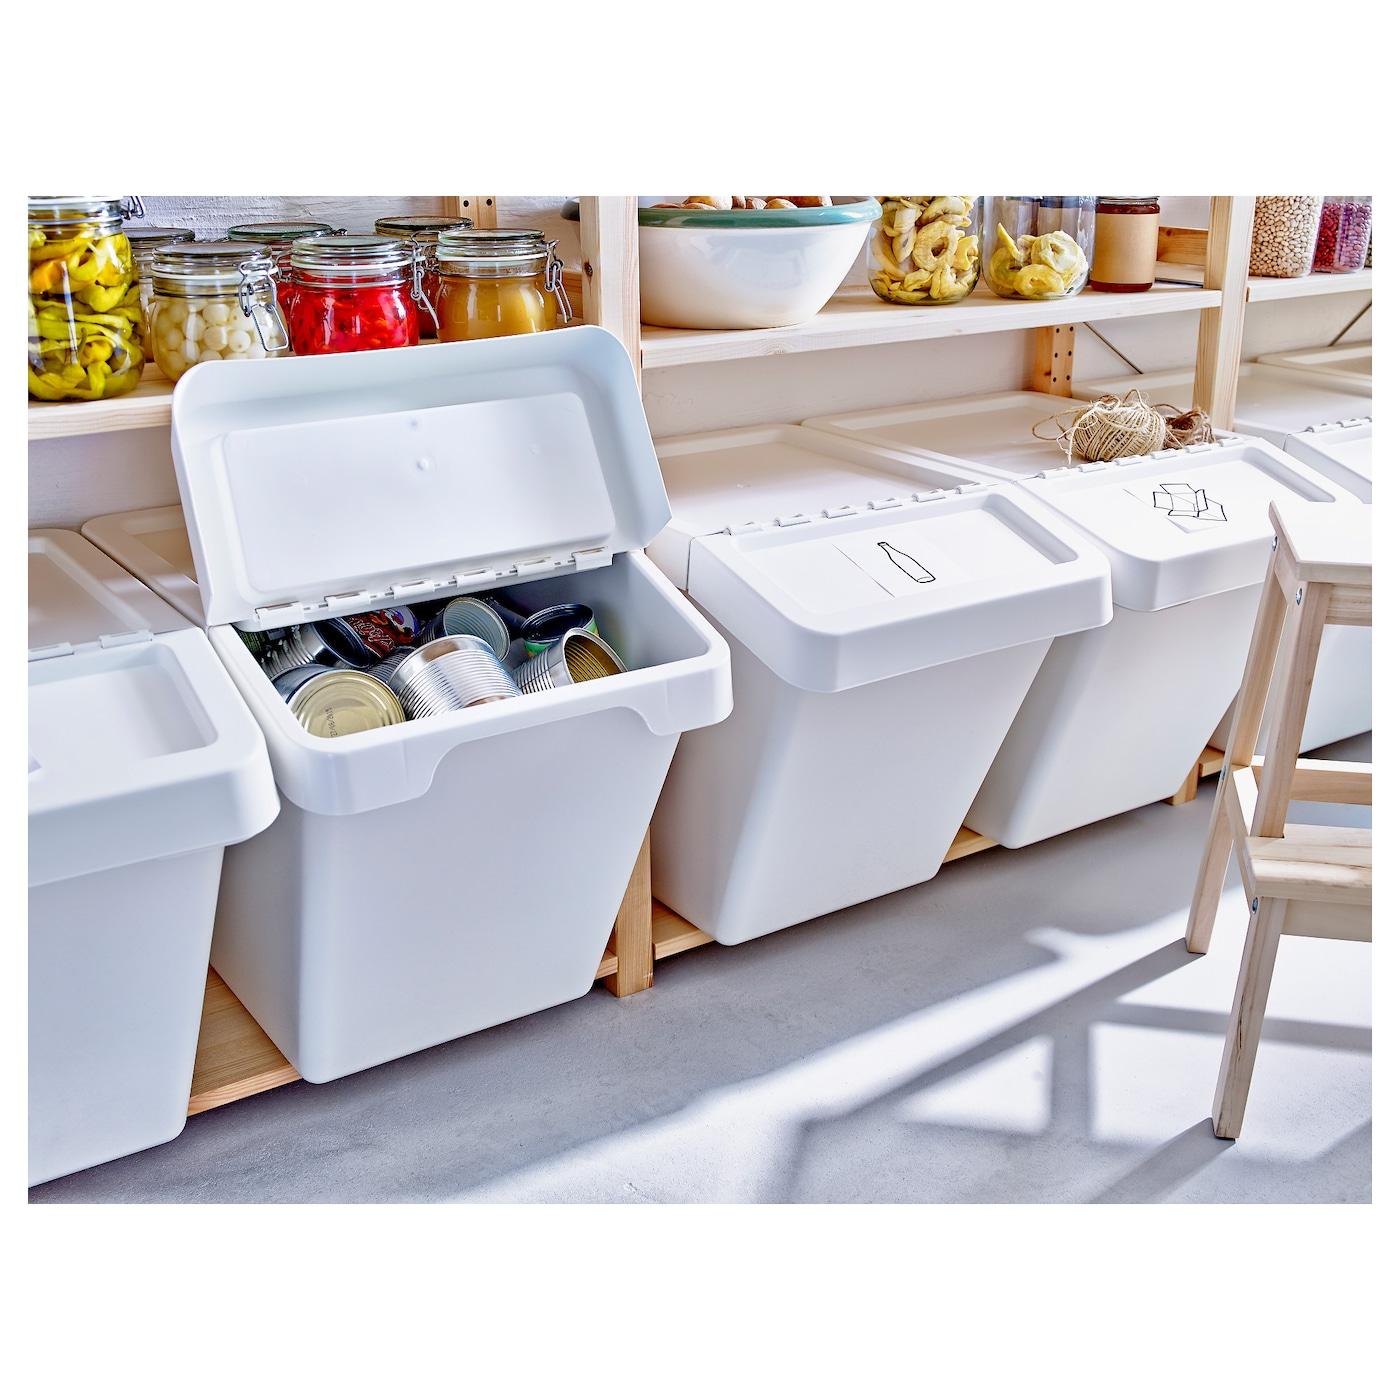 Sortera Conteneur Dechets Avec Couvercle Blanc 60 L Ikea